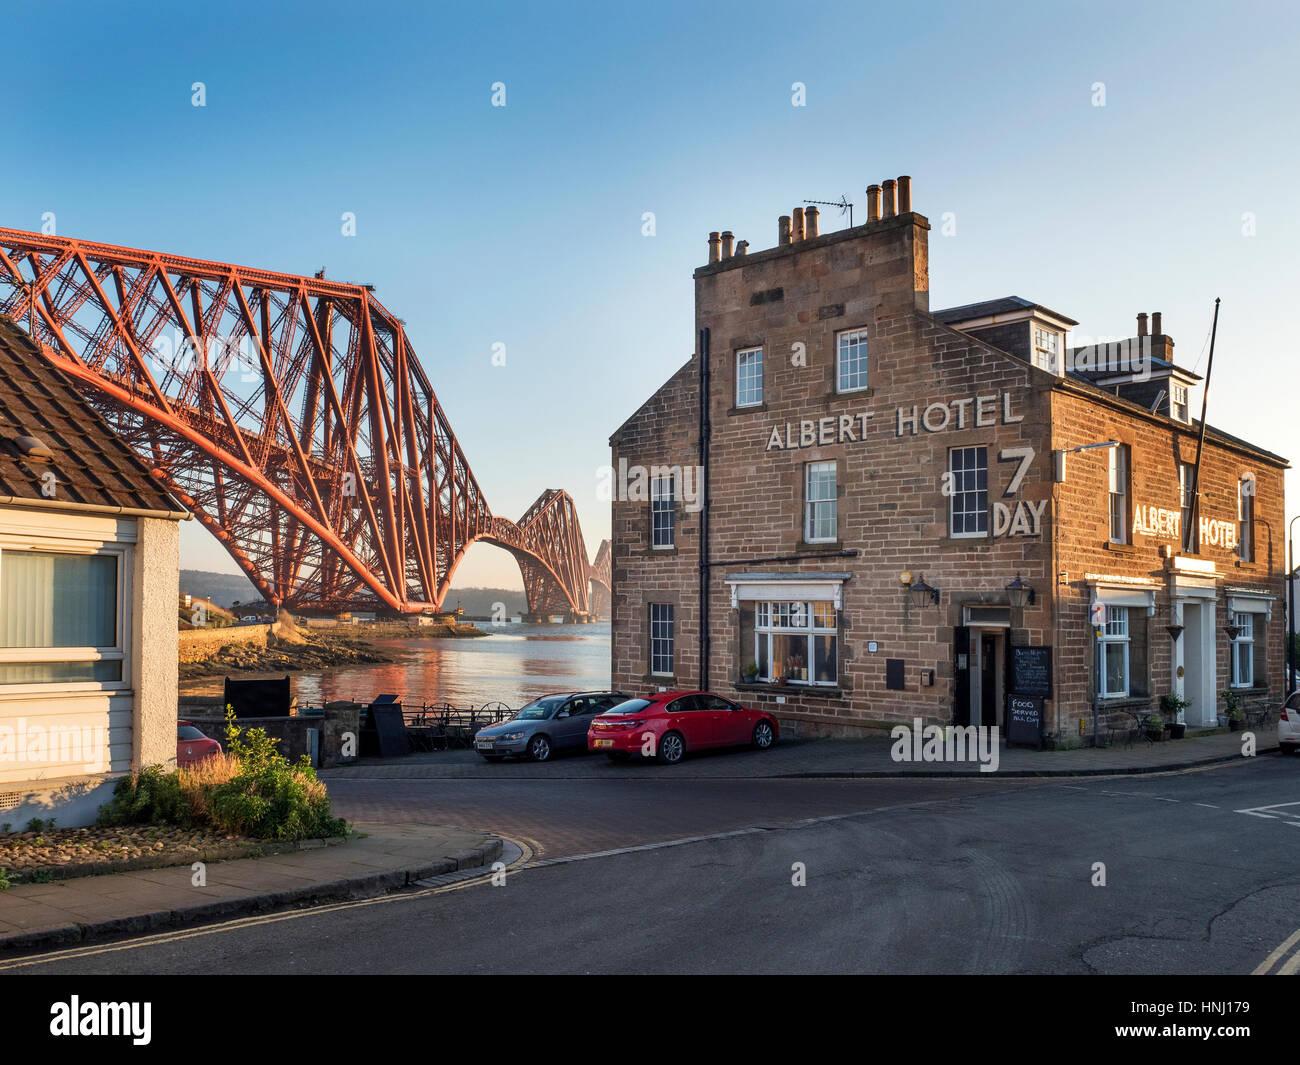 Forth Bridge e Albert Hotel a North Queensferry Fife Scozia Scotland Immagini Stock